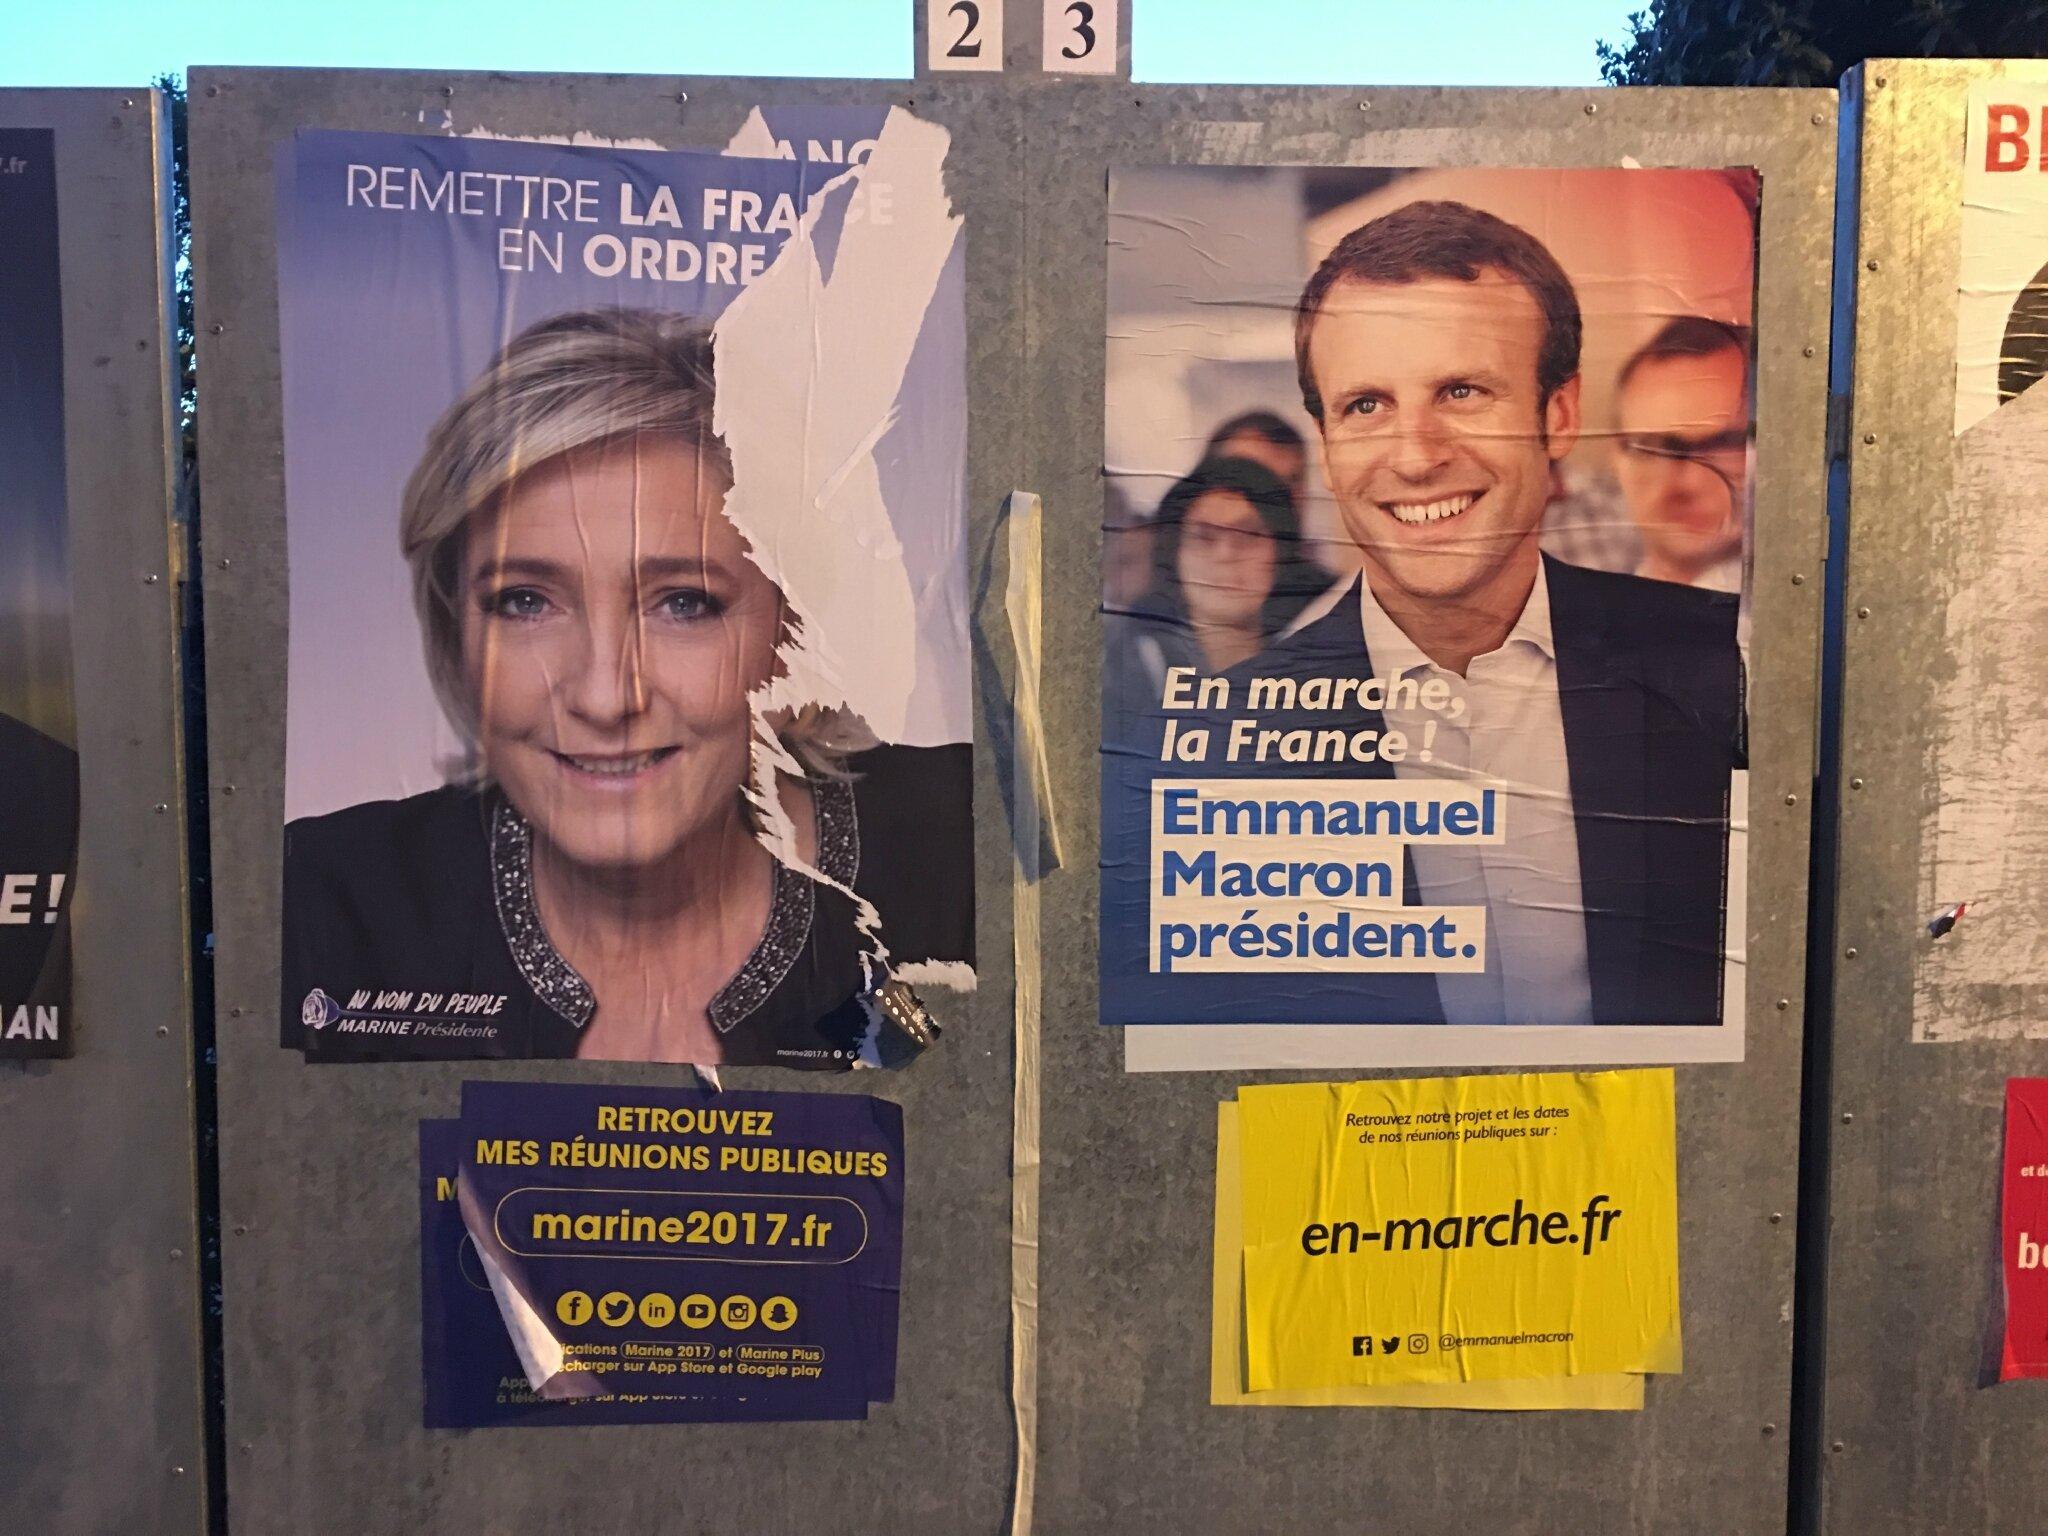 élection présidentielle - résultats du 1er tour dimanche 23 avril 2017 à Avranches